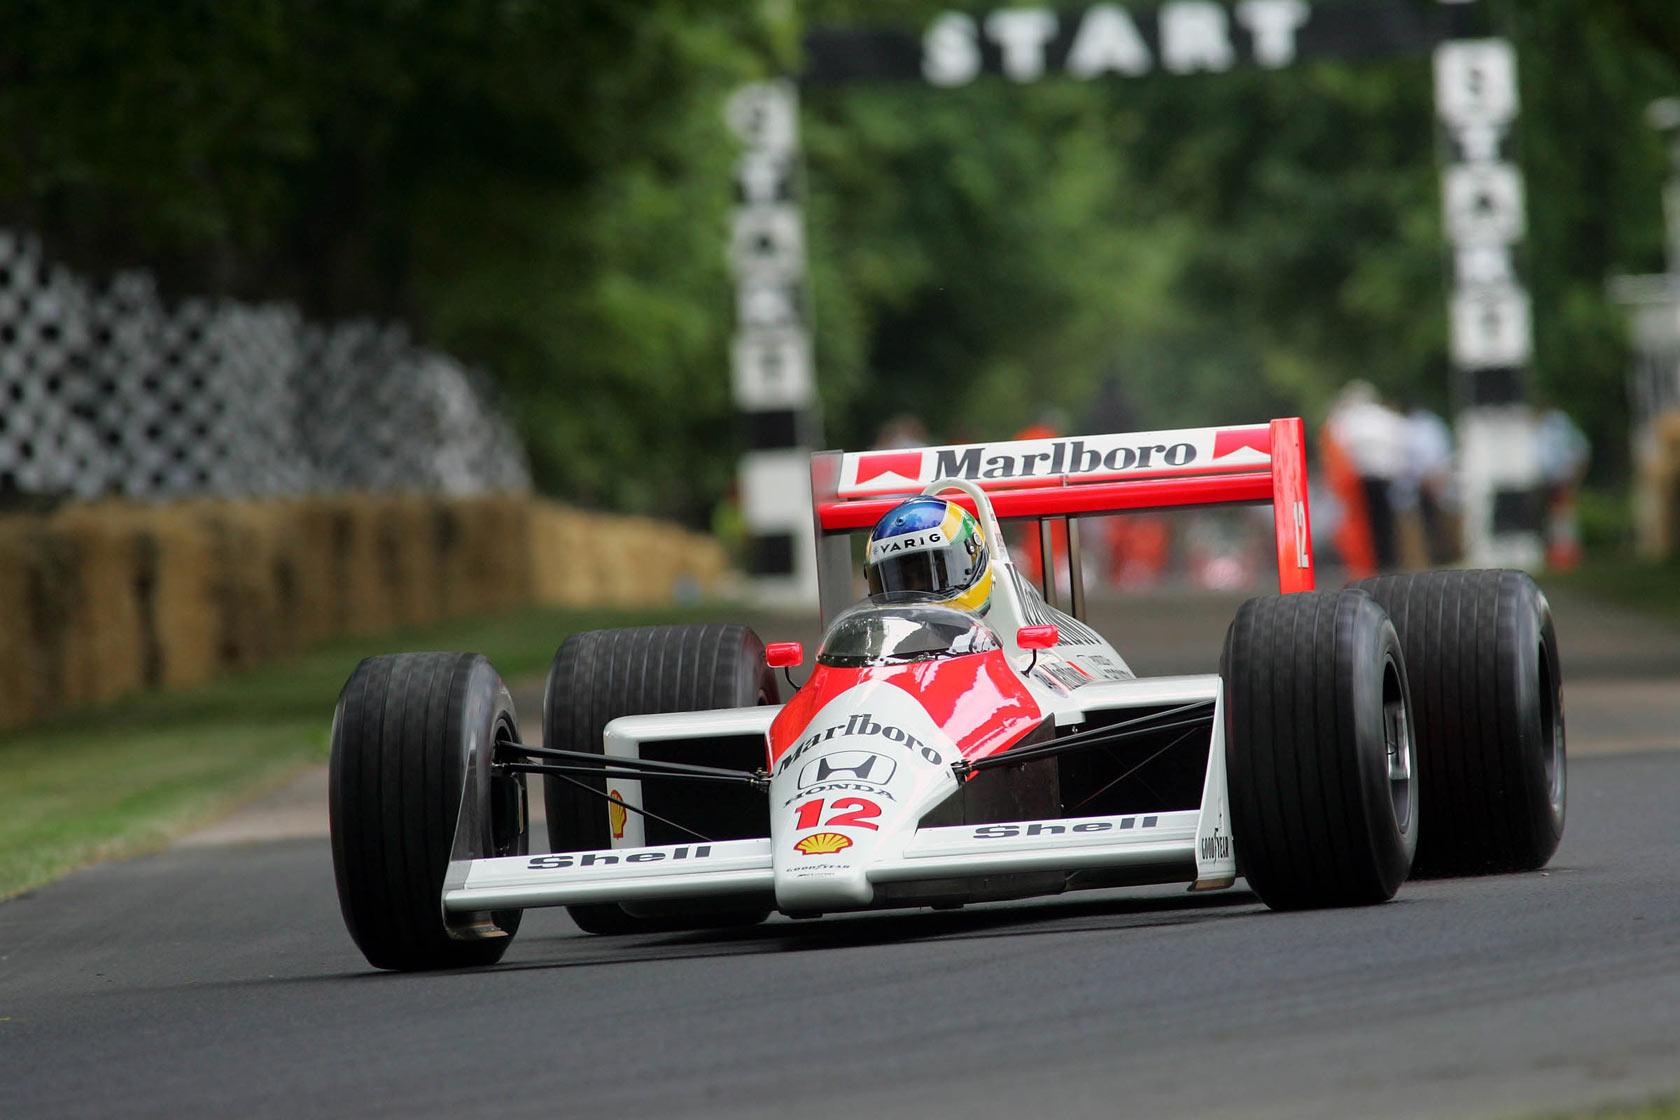 出典:http://www.f1fanatic.co.uk/2009/07/01/100-pictures-of-f1-drivers-and-cars-at-the-goodwood-festival-of-speed/mclarenmp44_1988/